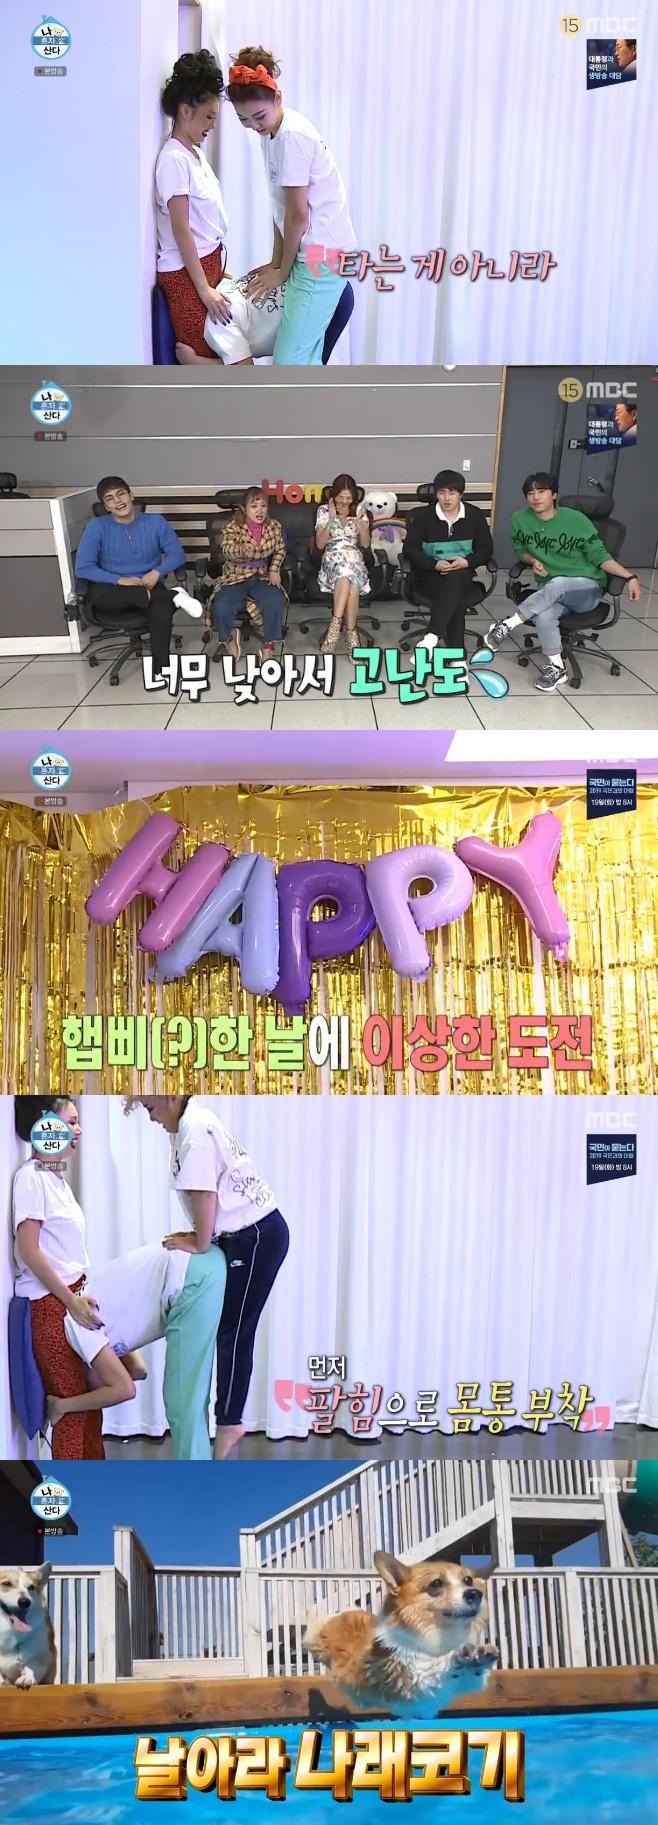 박나래 한혜진 화사, 라디오스타